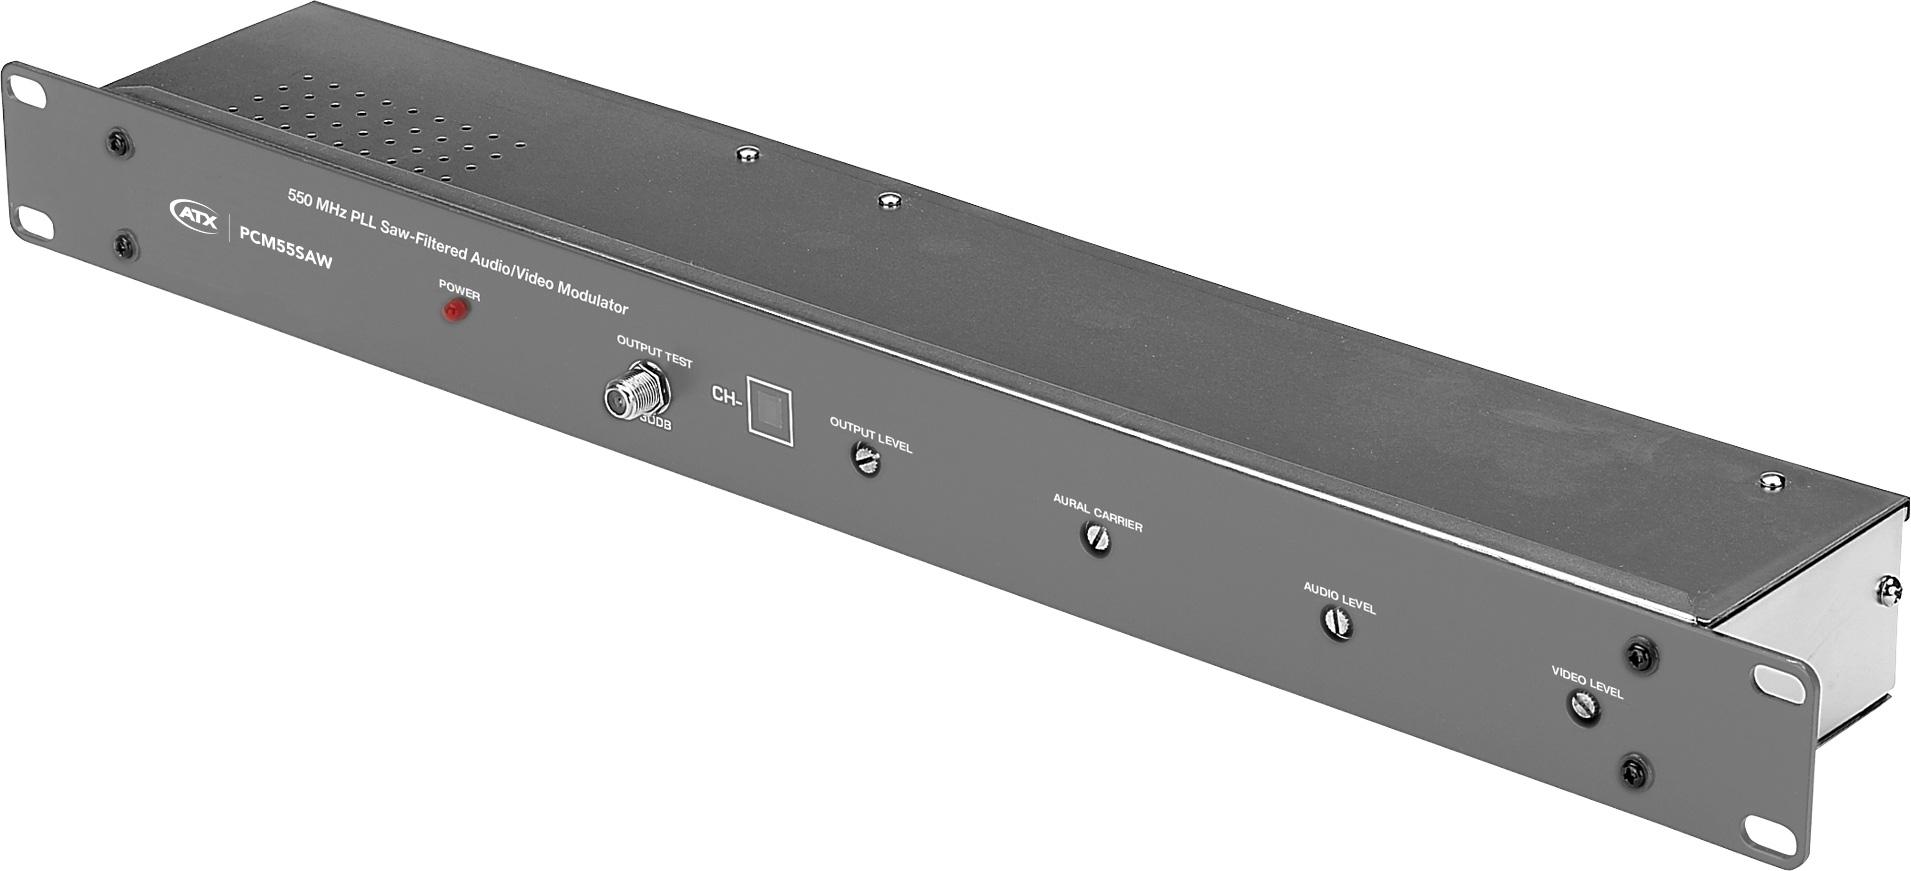 Pico Digital 1 Channel Crystal A/V Modulator - Channel M - 234-240 MHz